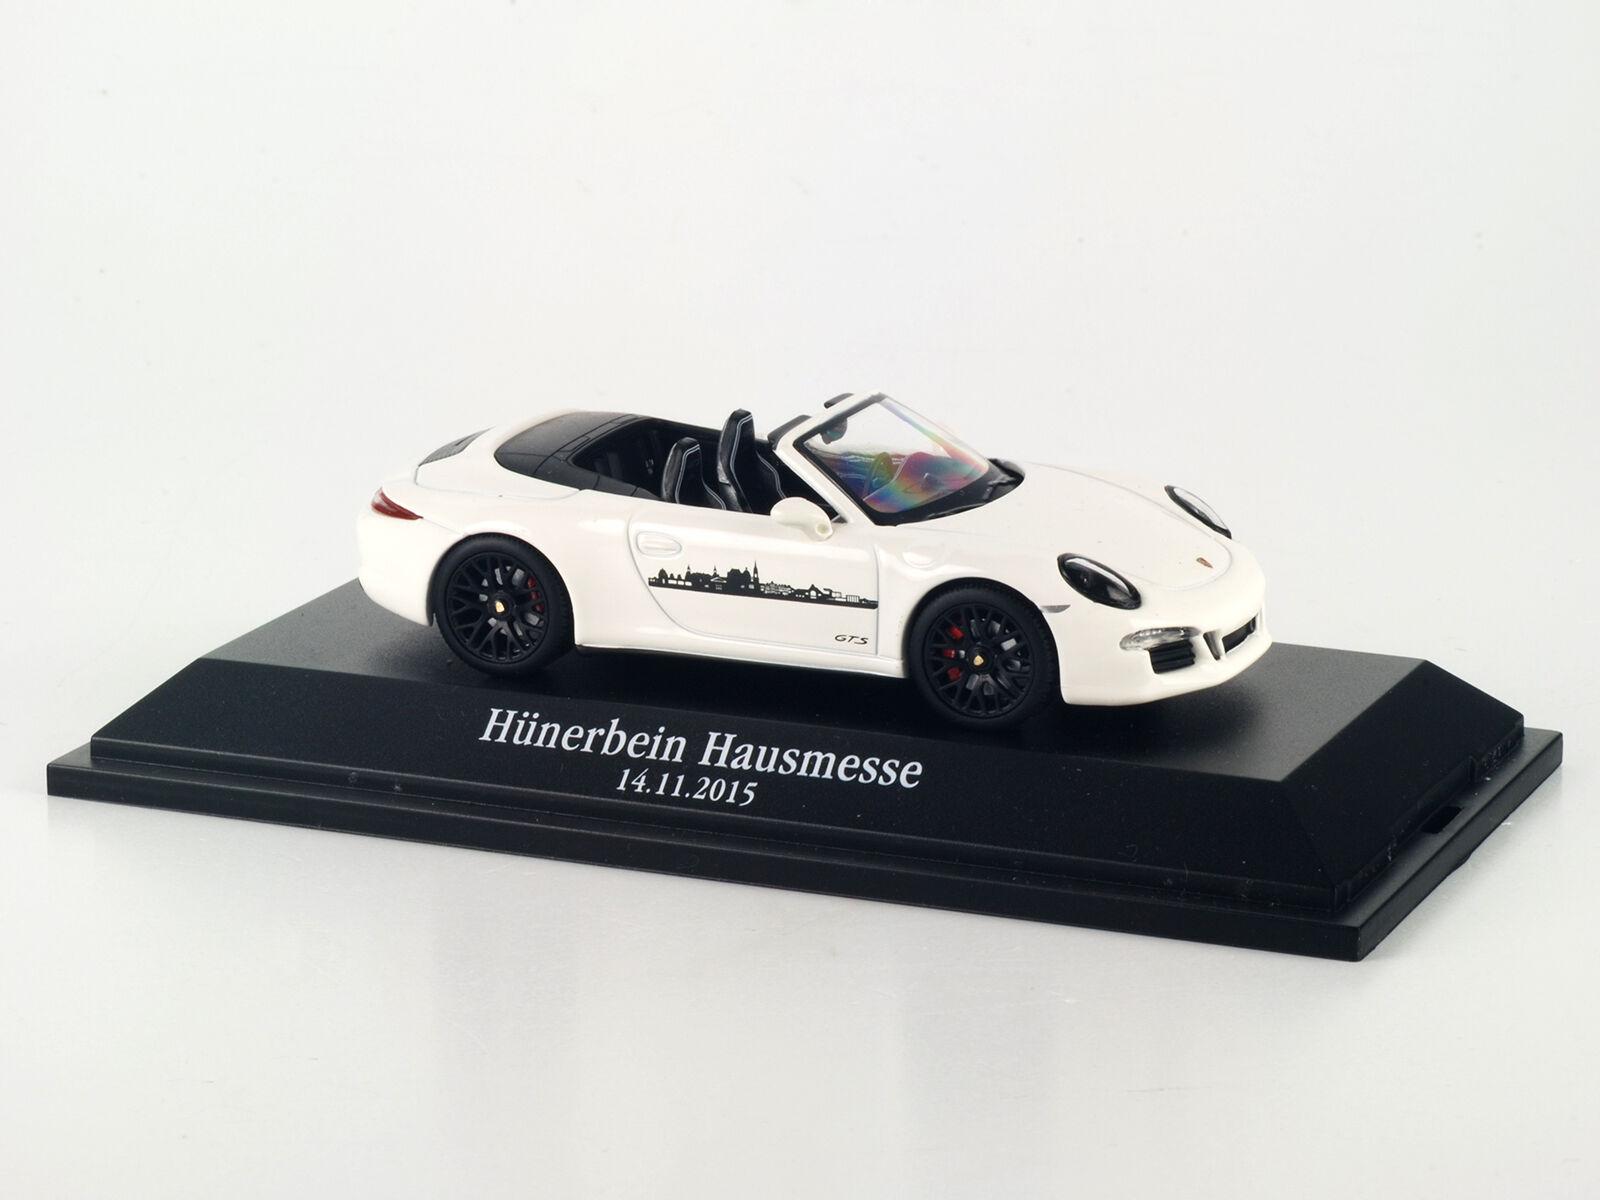 Schuco 450757601 Porsche 911 GTS Hünerbein Hausmesse 2015 2015 2015 limi 50Stk 1 43 NEU+OV 631ff4